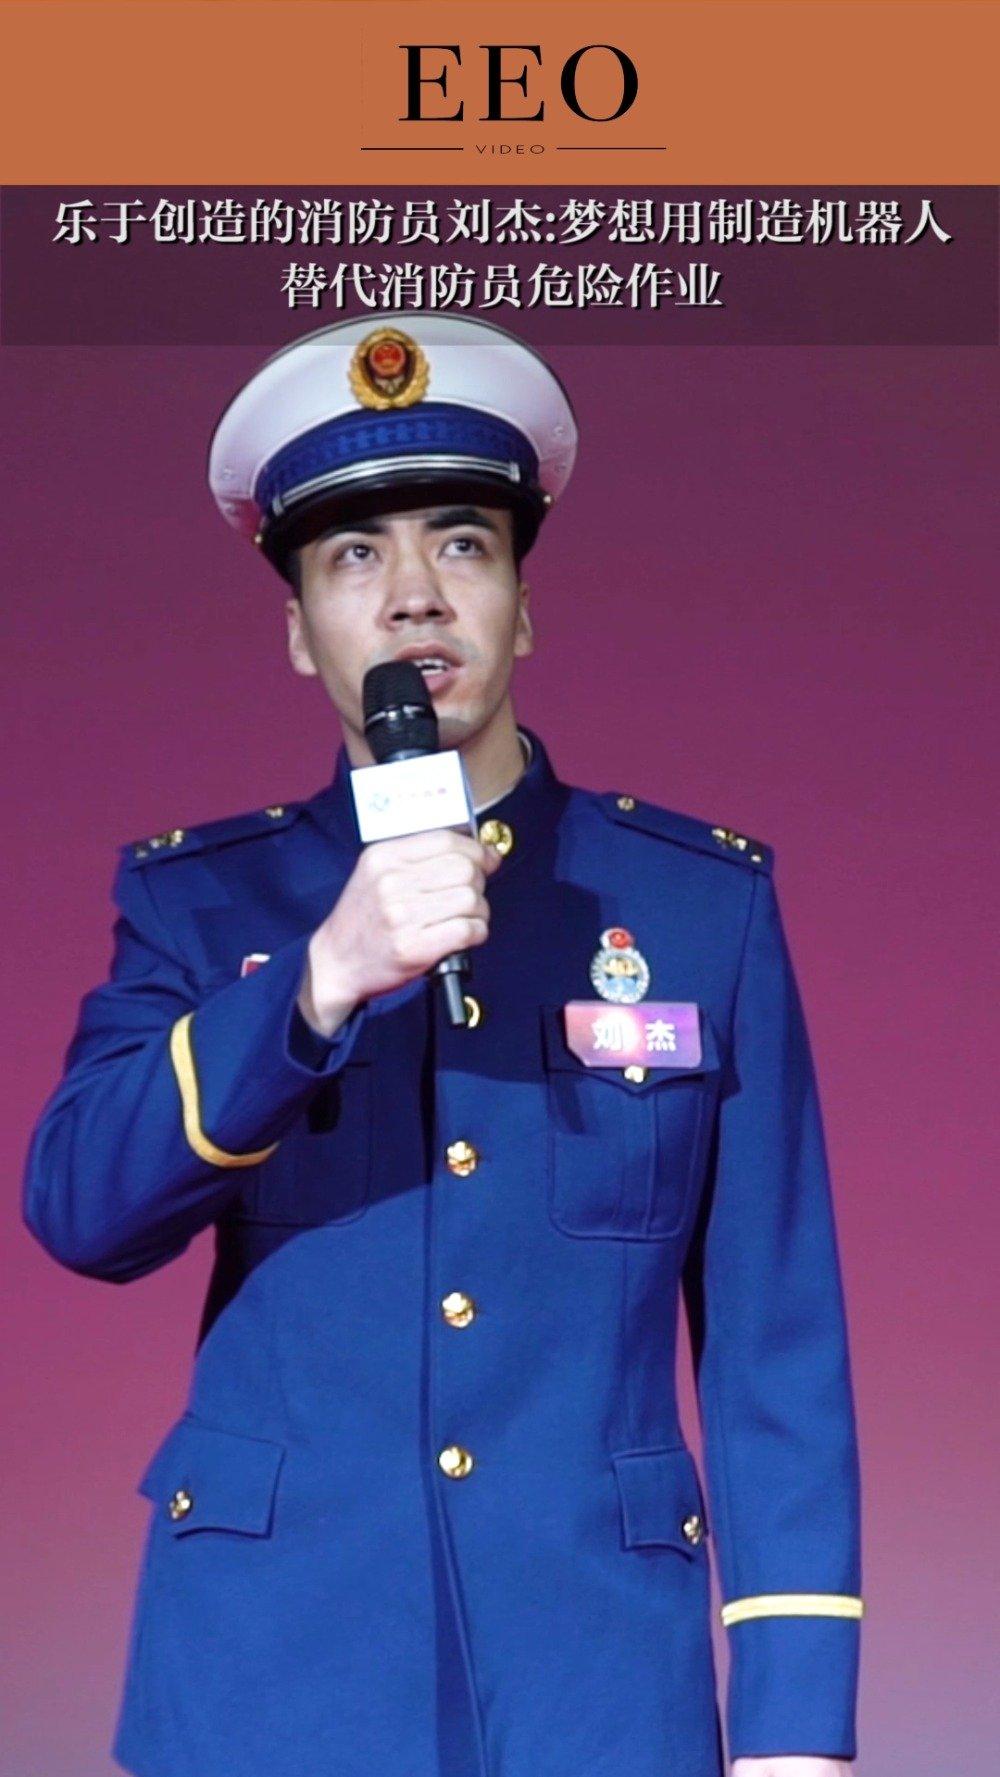 消防员刘杰:梦想制造机器人替代消防员危险作业